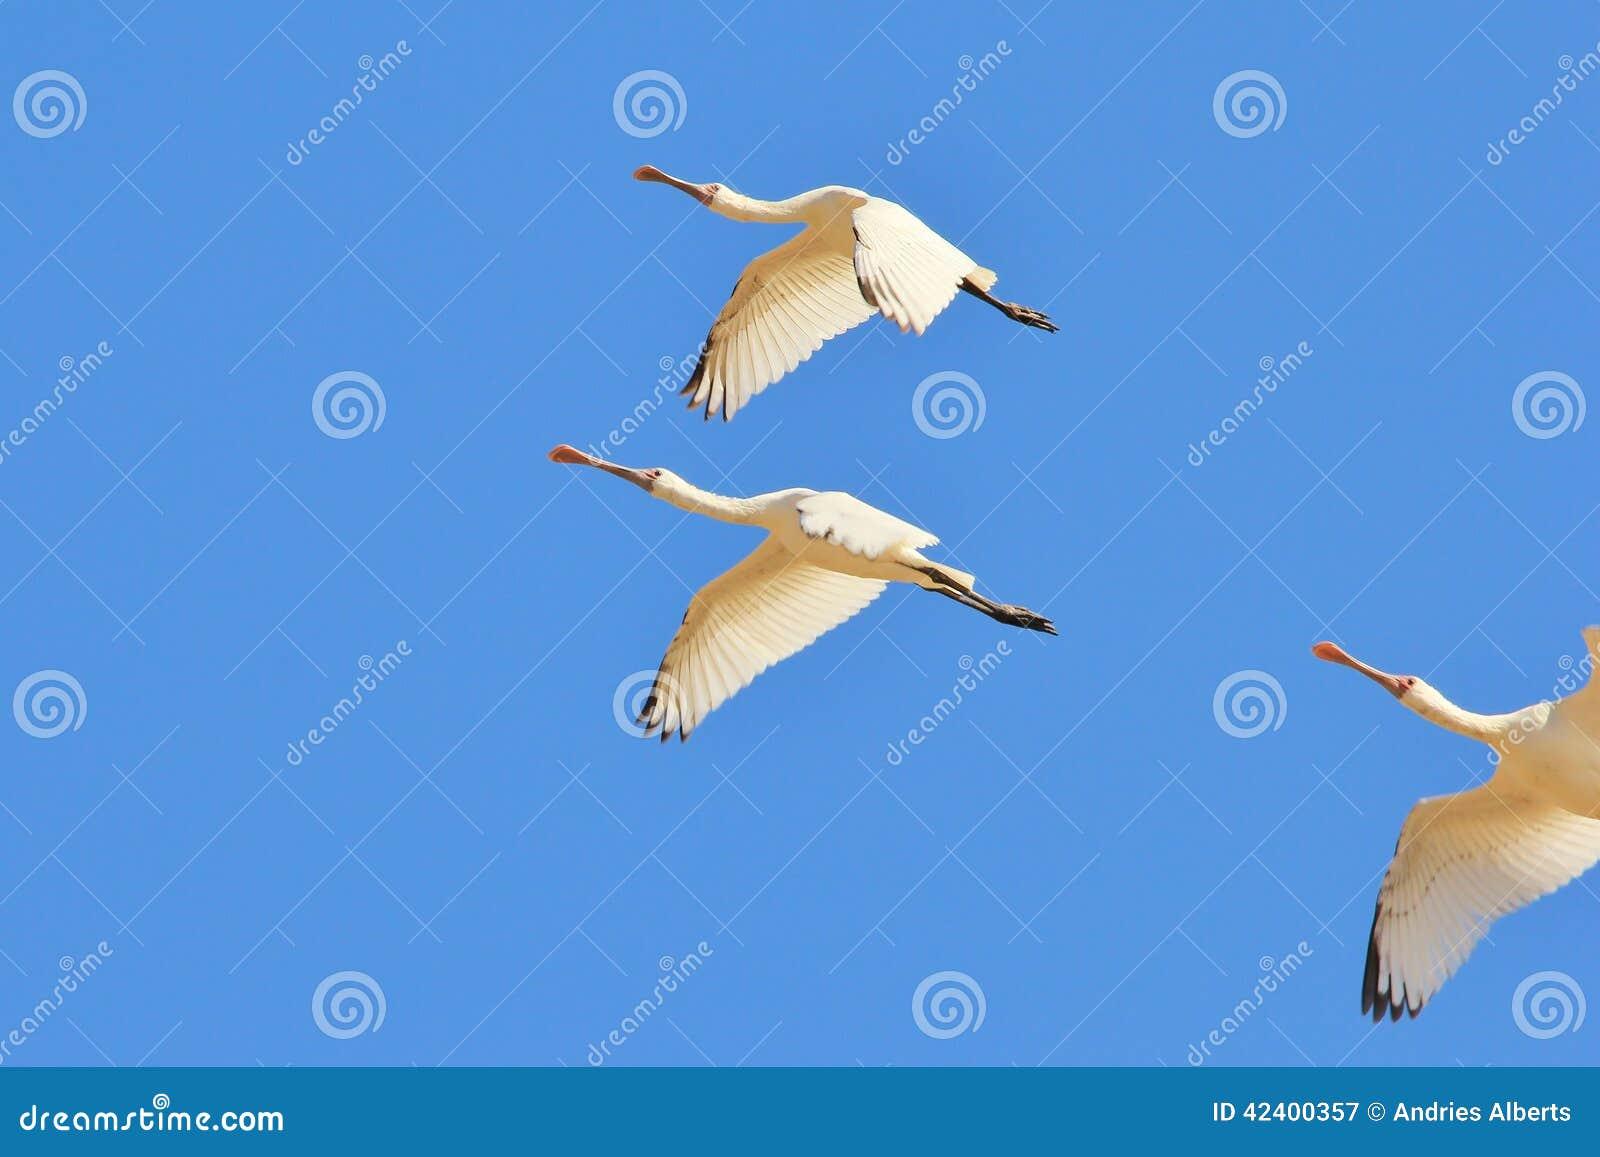 Πελαργός πλαταλεών - αφρικανικό άγριο υπόβαθρο πουλιών - ελευθερία της πτήσης